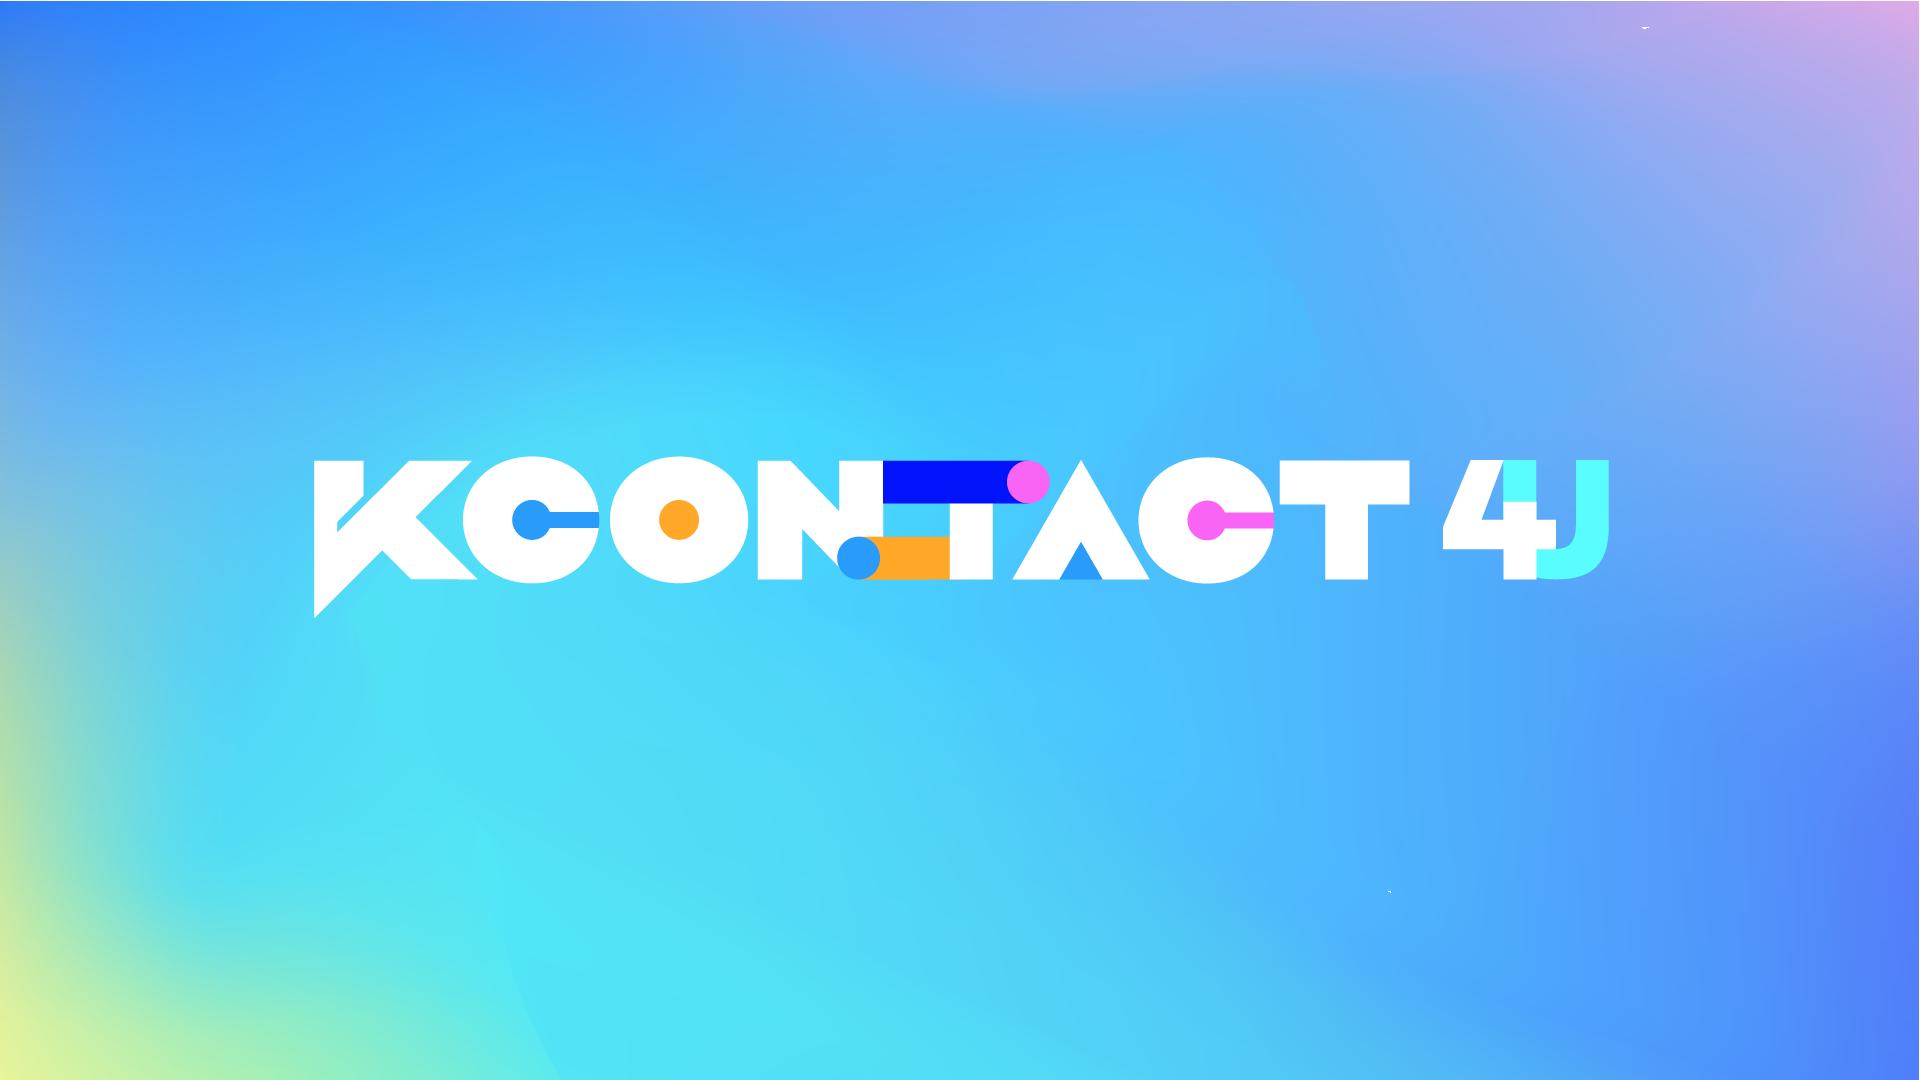 KCON:TACT 4U